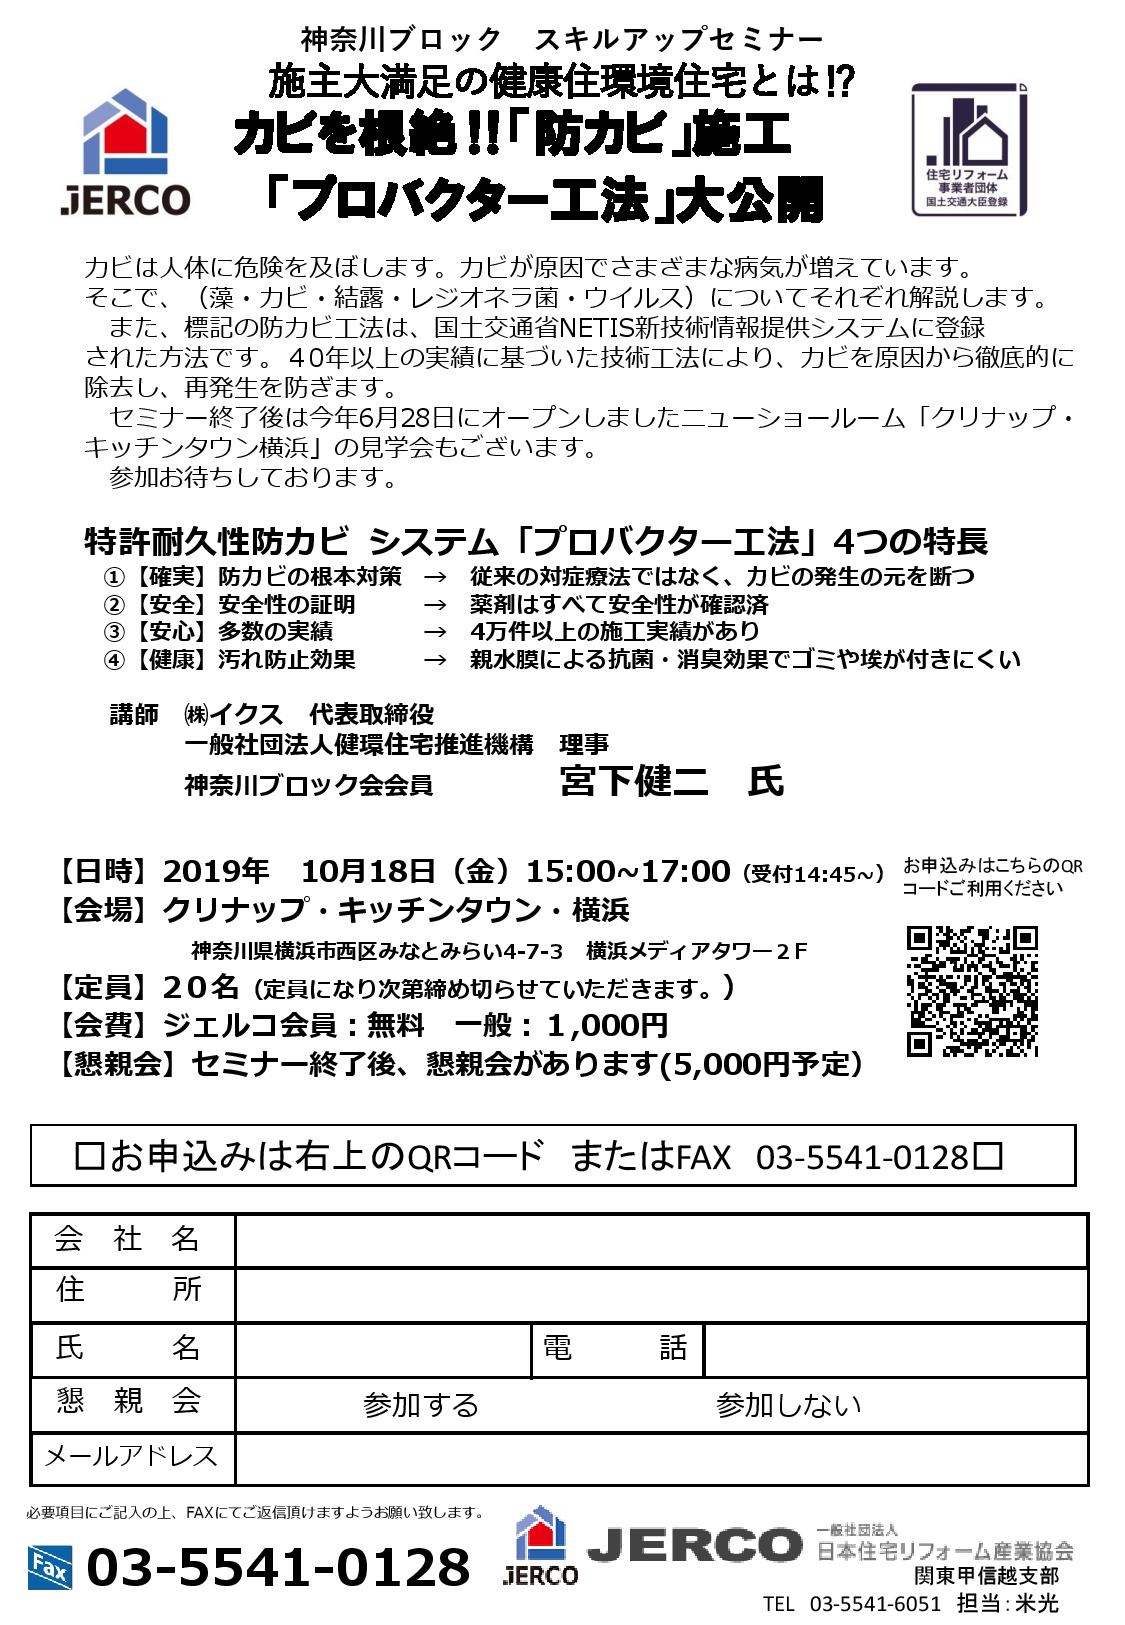 【防カビ対策セミナー】健康住宅にするための防カビ対策を学ぶin横浜【神奈川ブロック/2019年10月18日】